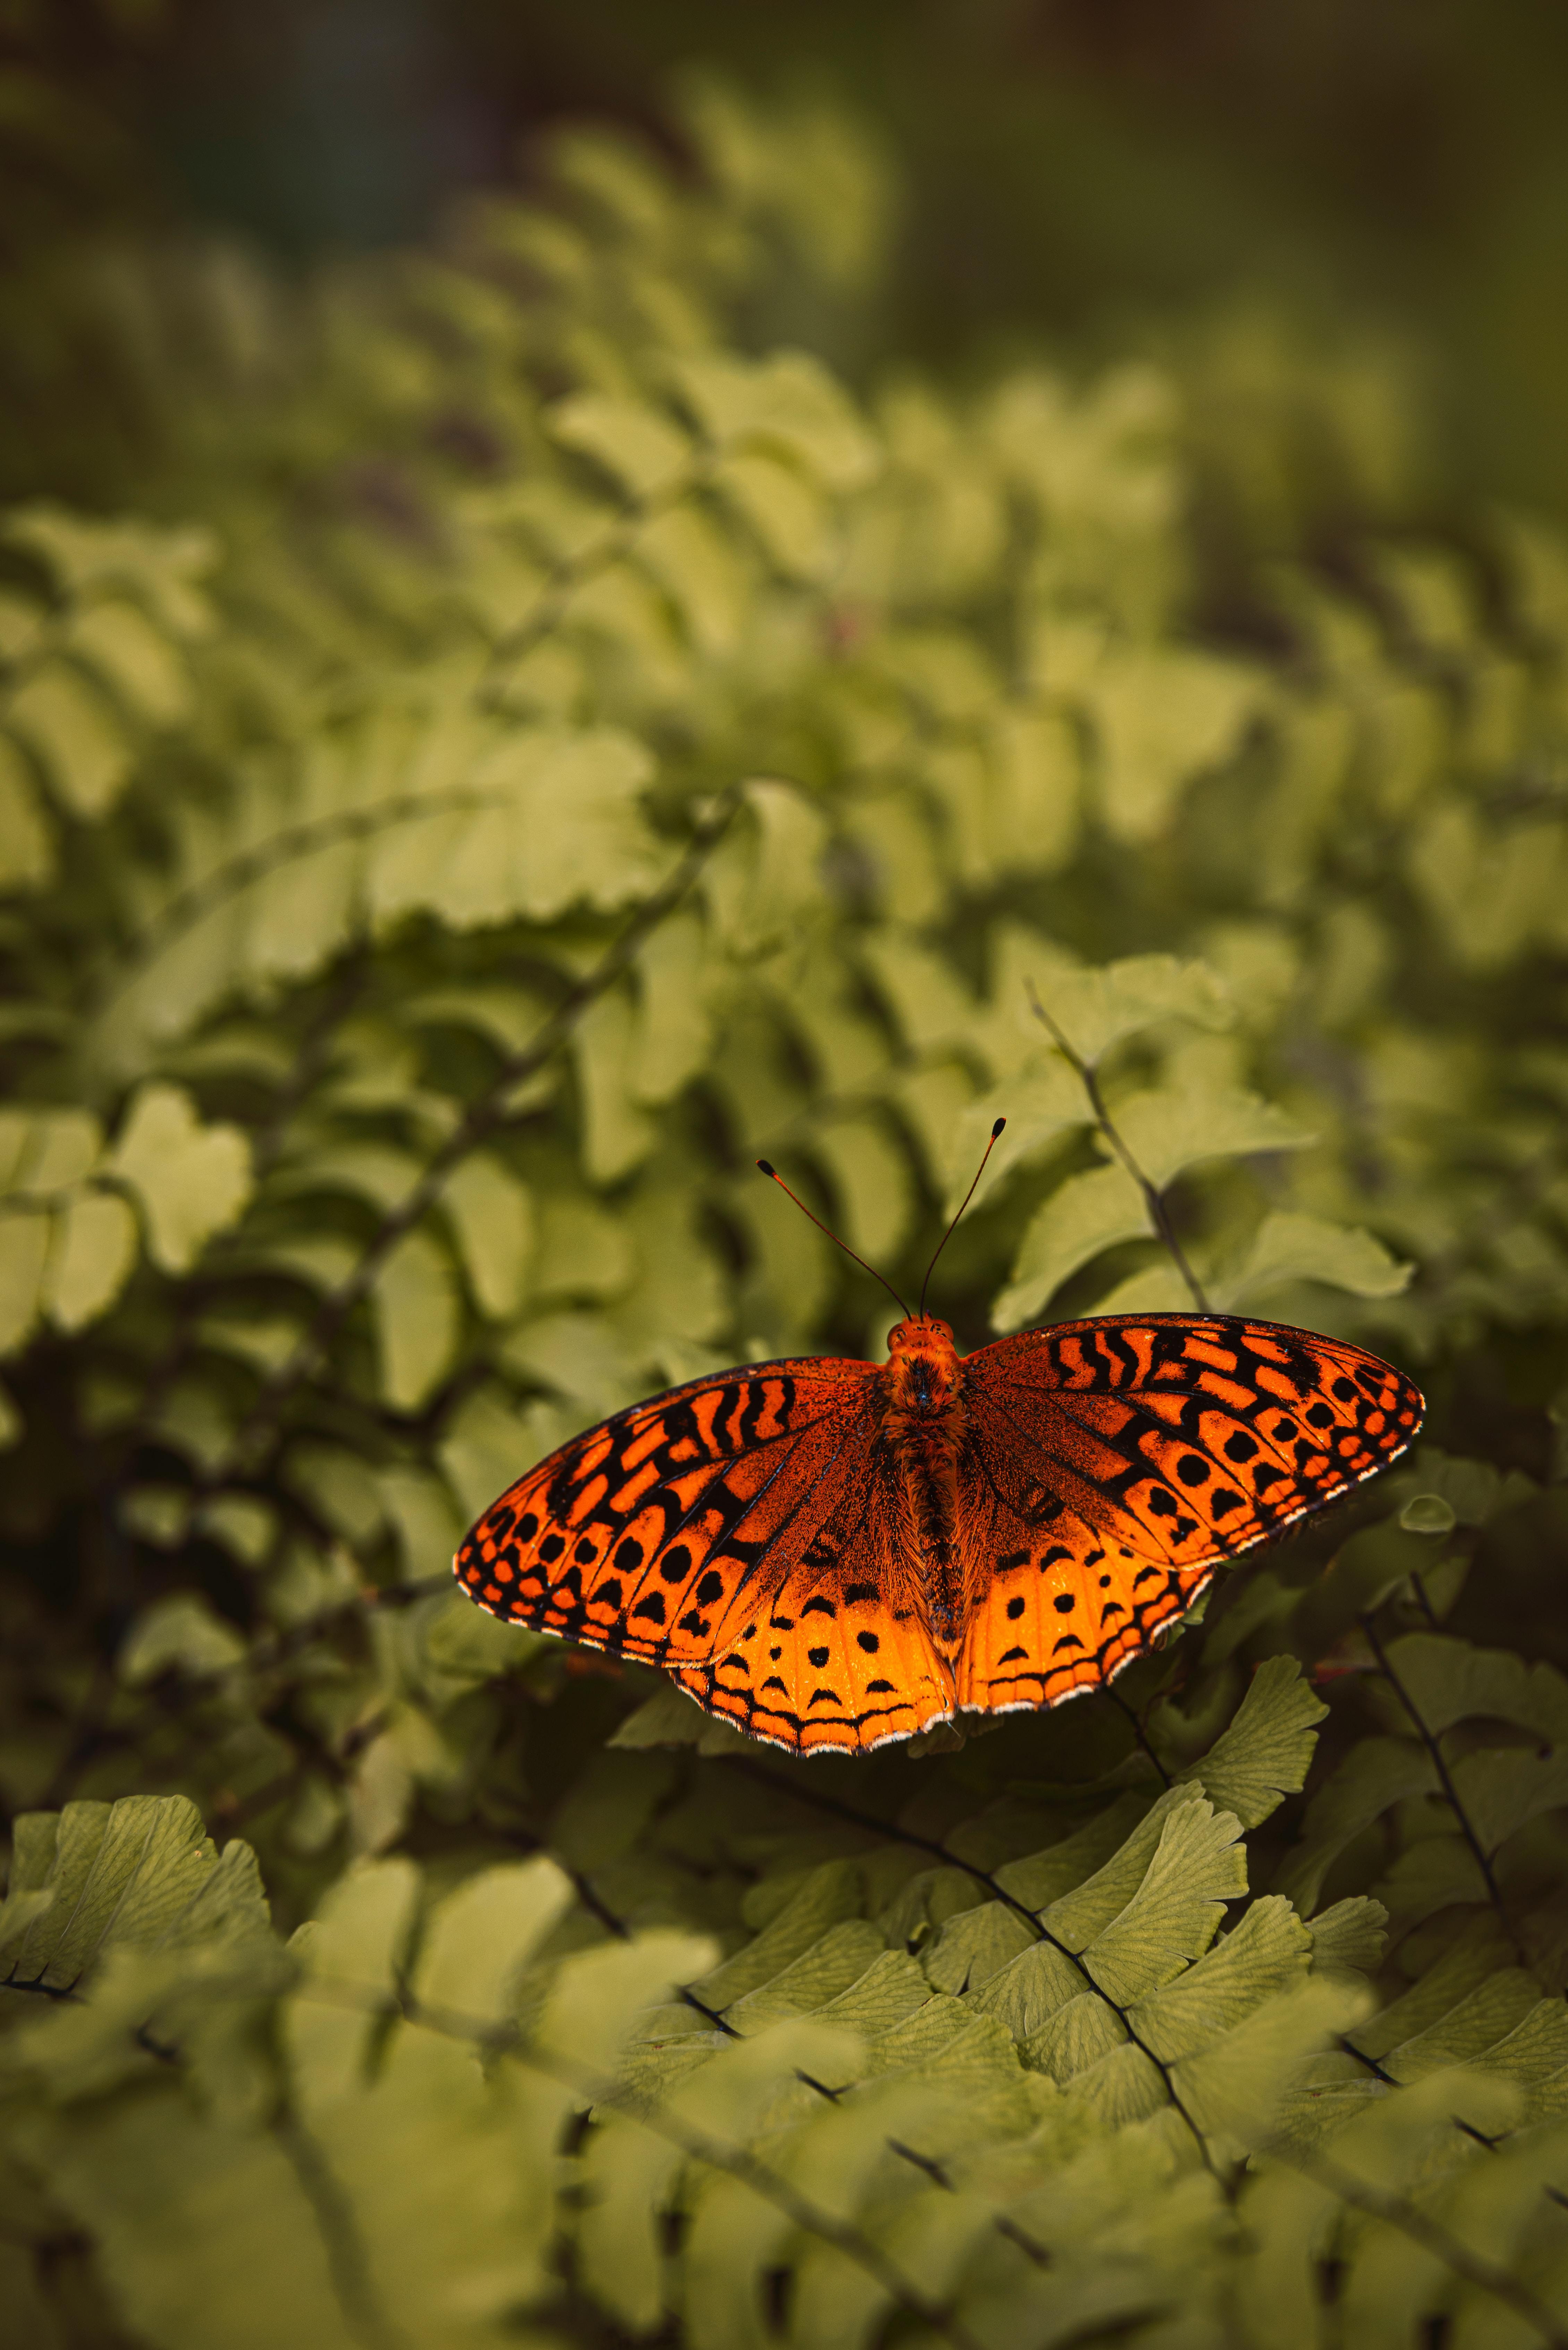 手機的111017屏保和壁紙昆虫。 免費下載 宏, 珍珠母 Euphrosine, 杜芙罗辛珍珠, 蝴蝶, 昆虫, 蕨类, 铁杉, 植物 圖片